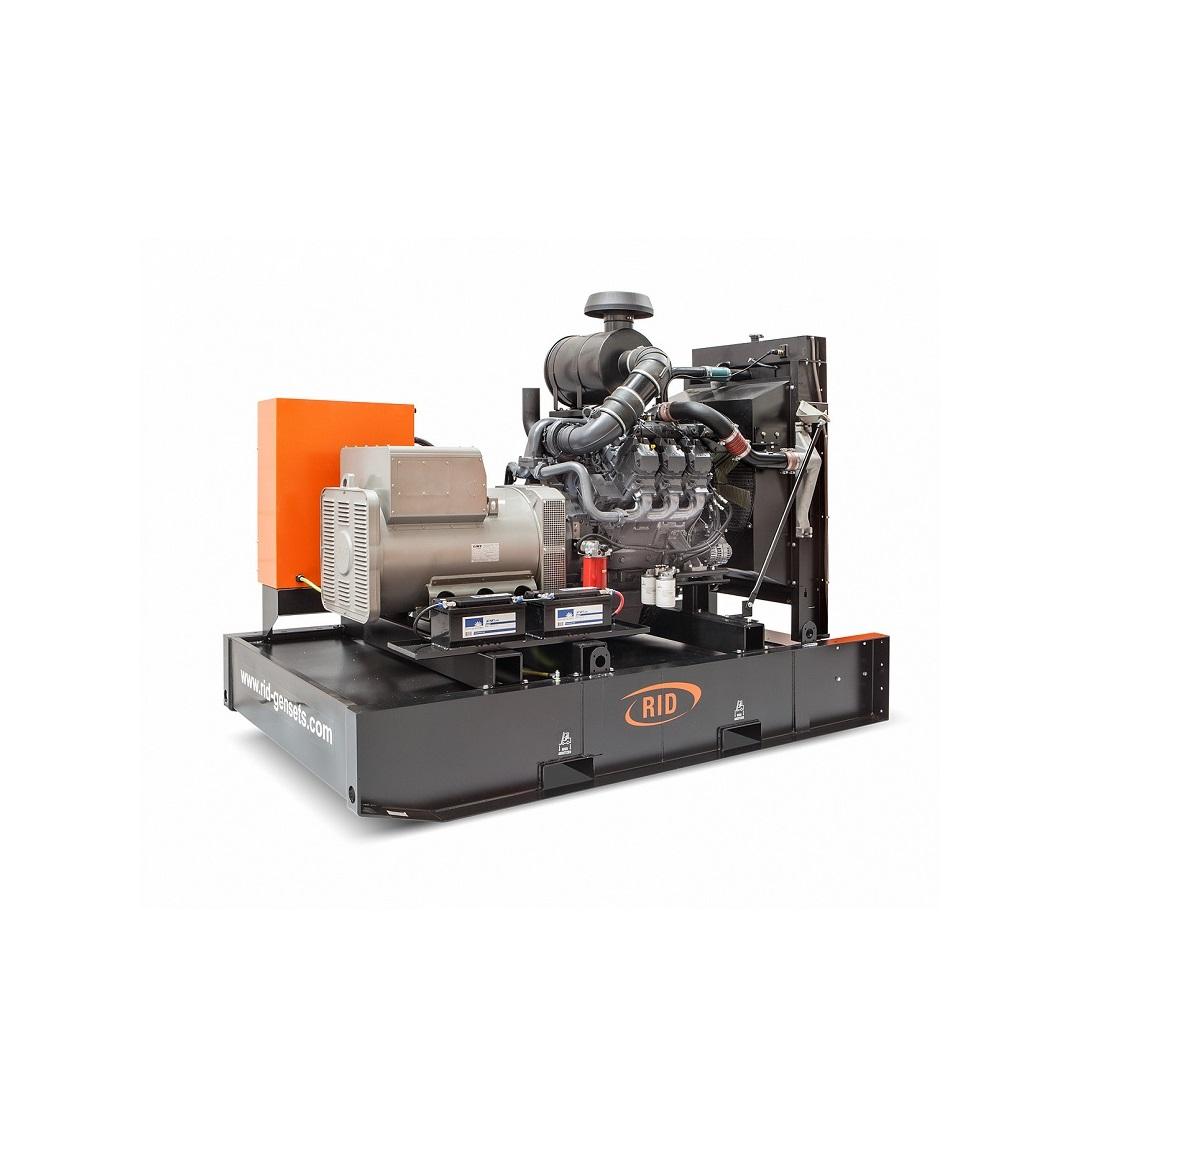 Дизельный генератор (электростанция) RID 300 S-SERIES